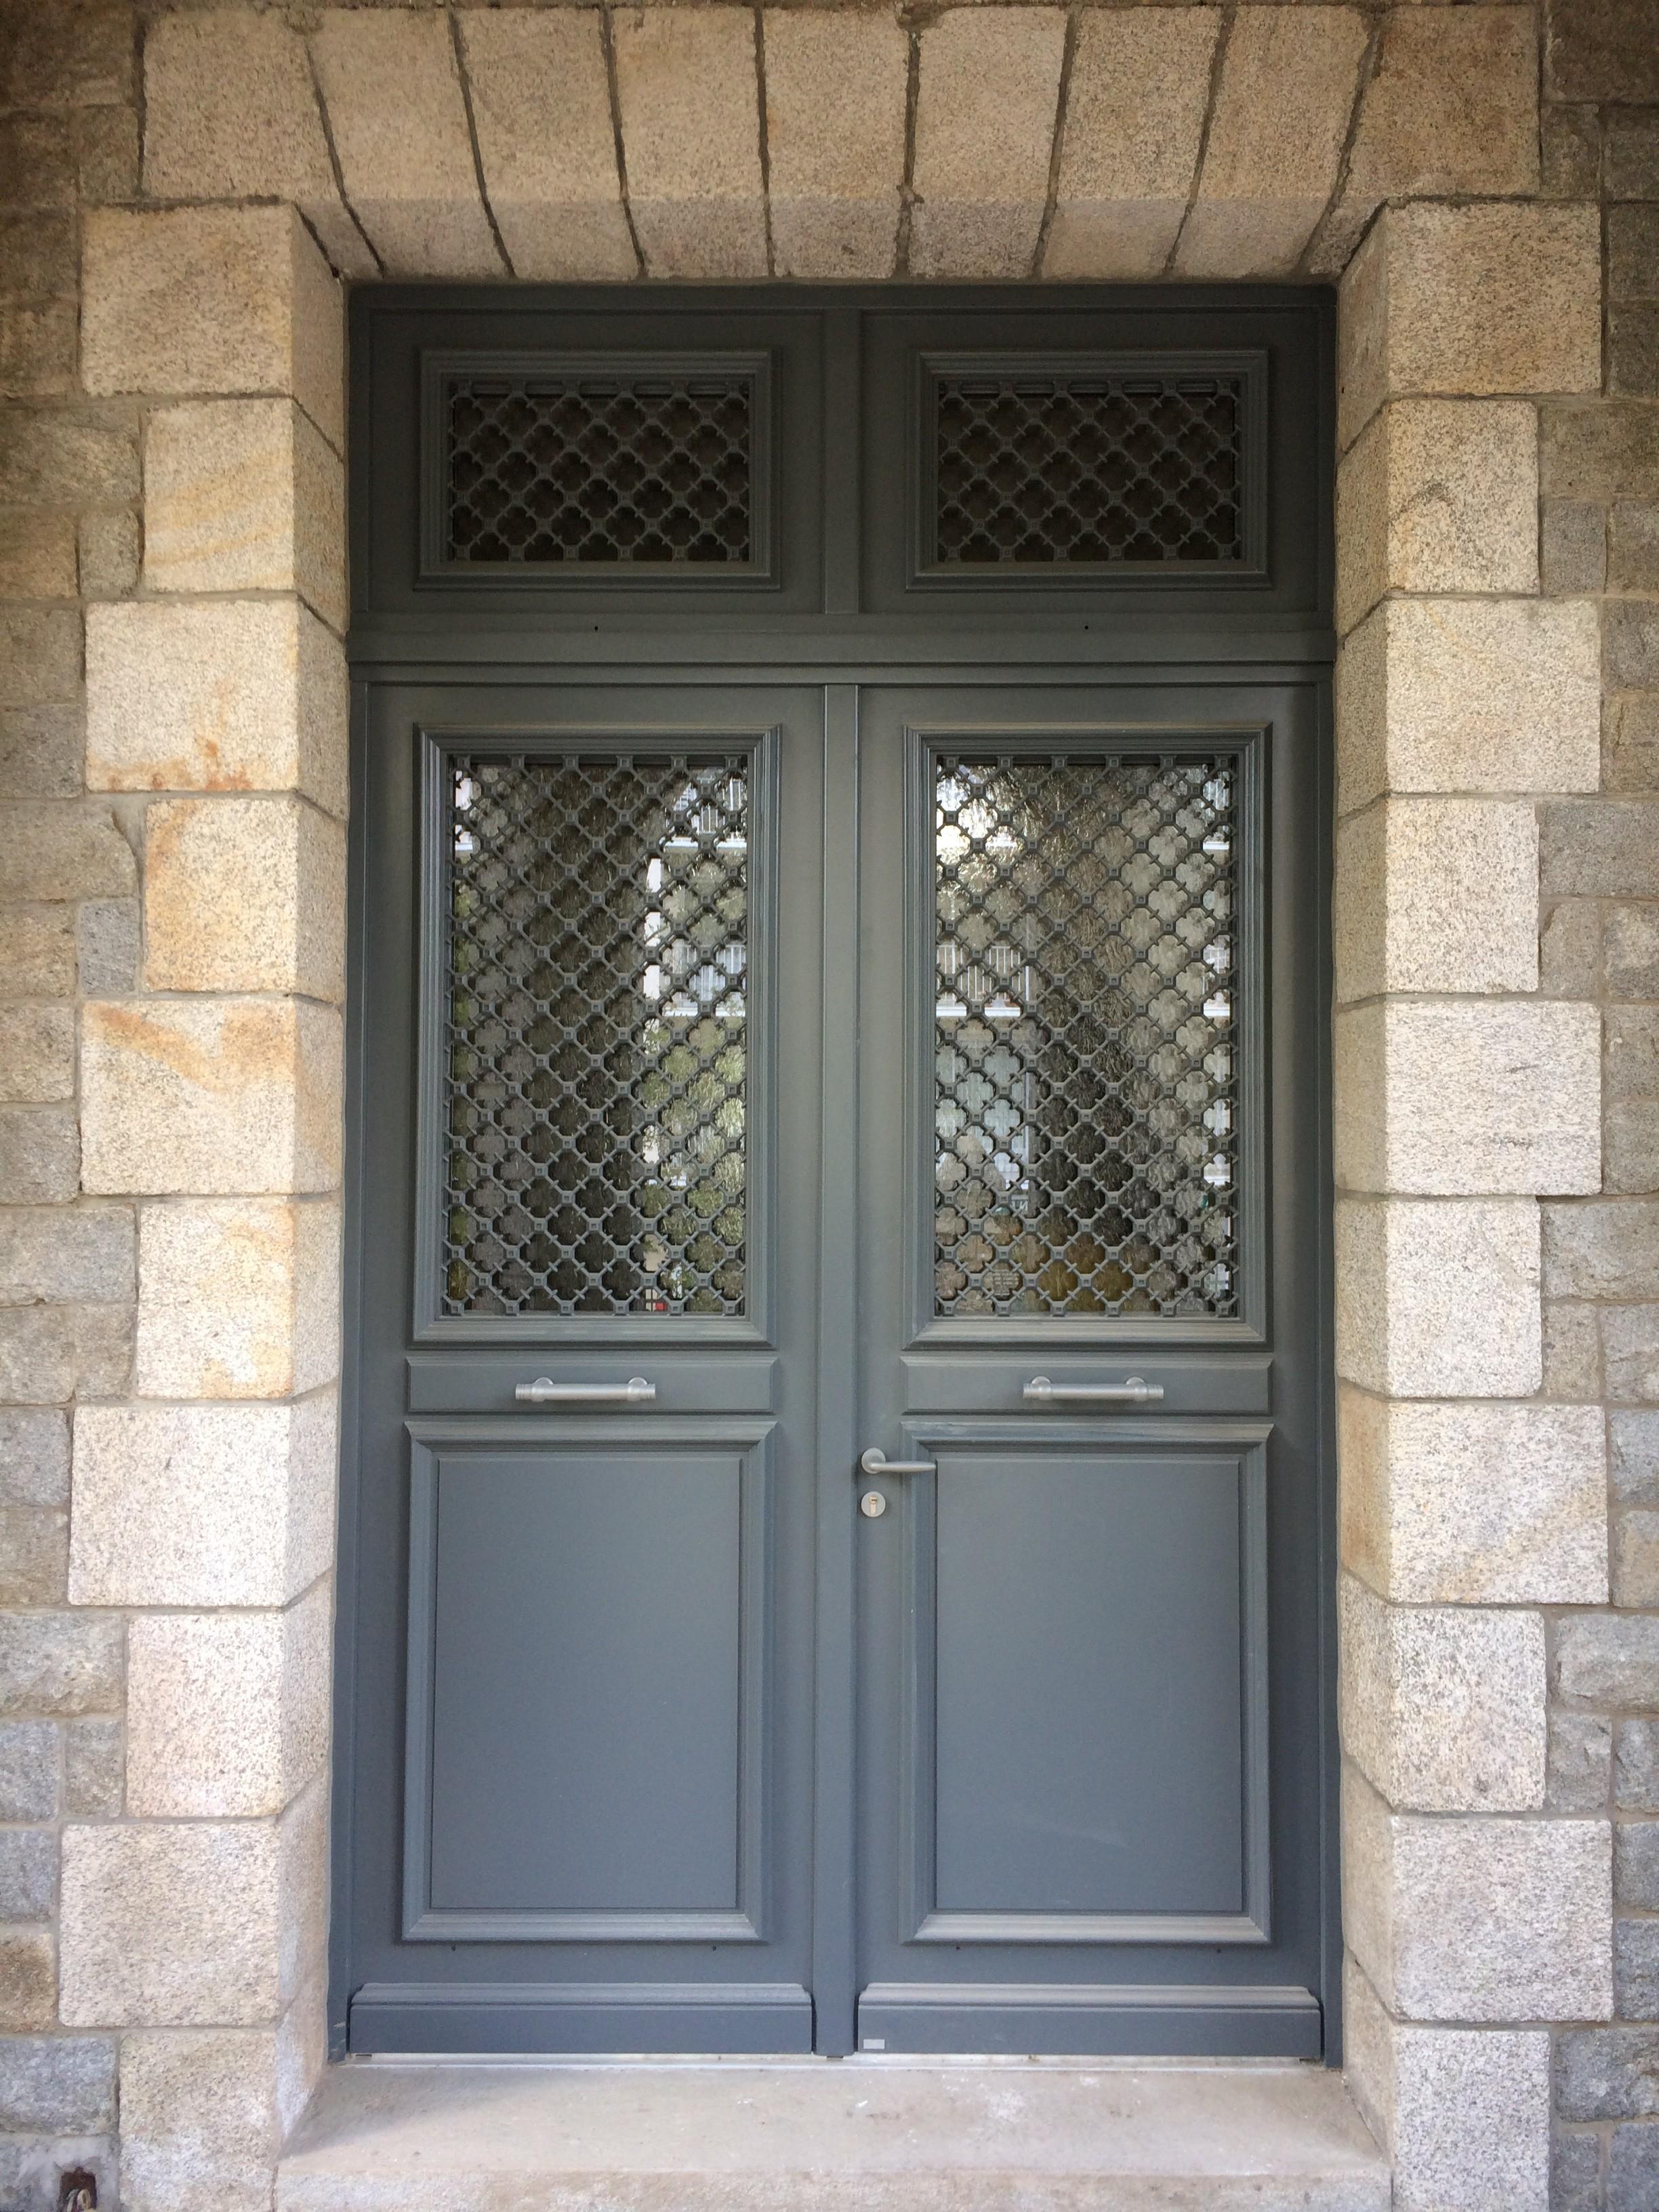 Porte d entr e bel m r alis e auray aluminium56 for Porte de garage alinea bel m